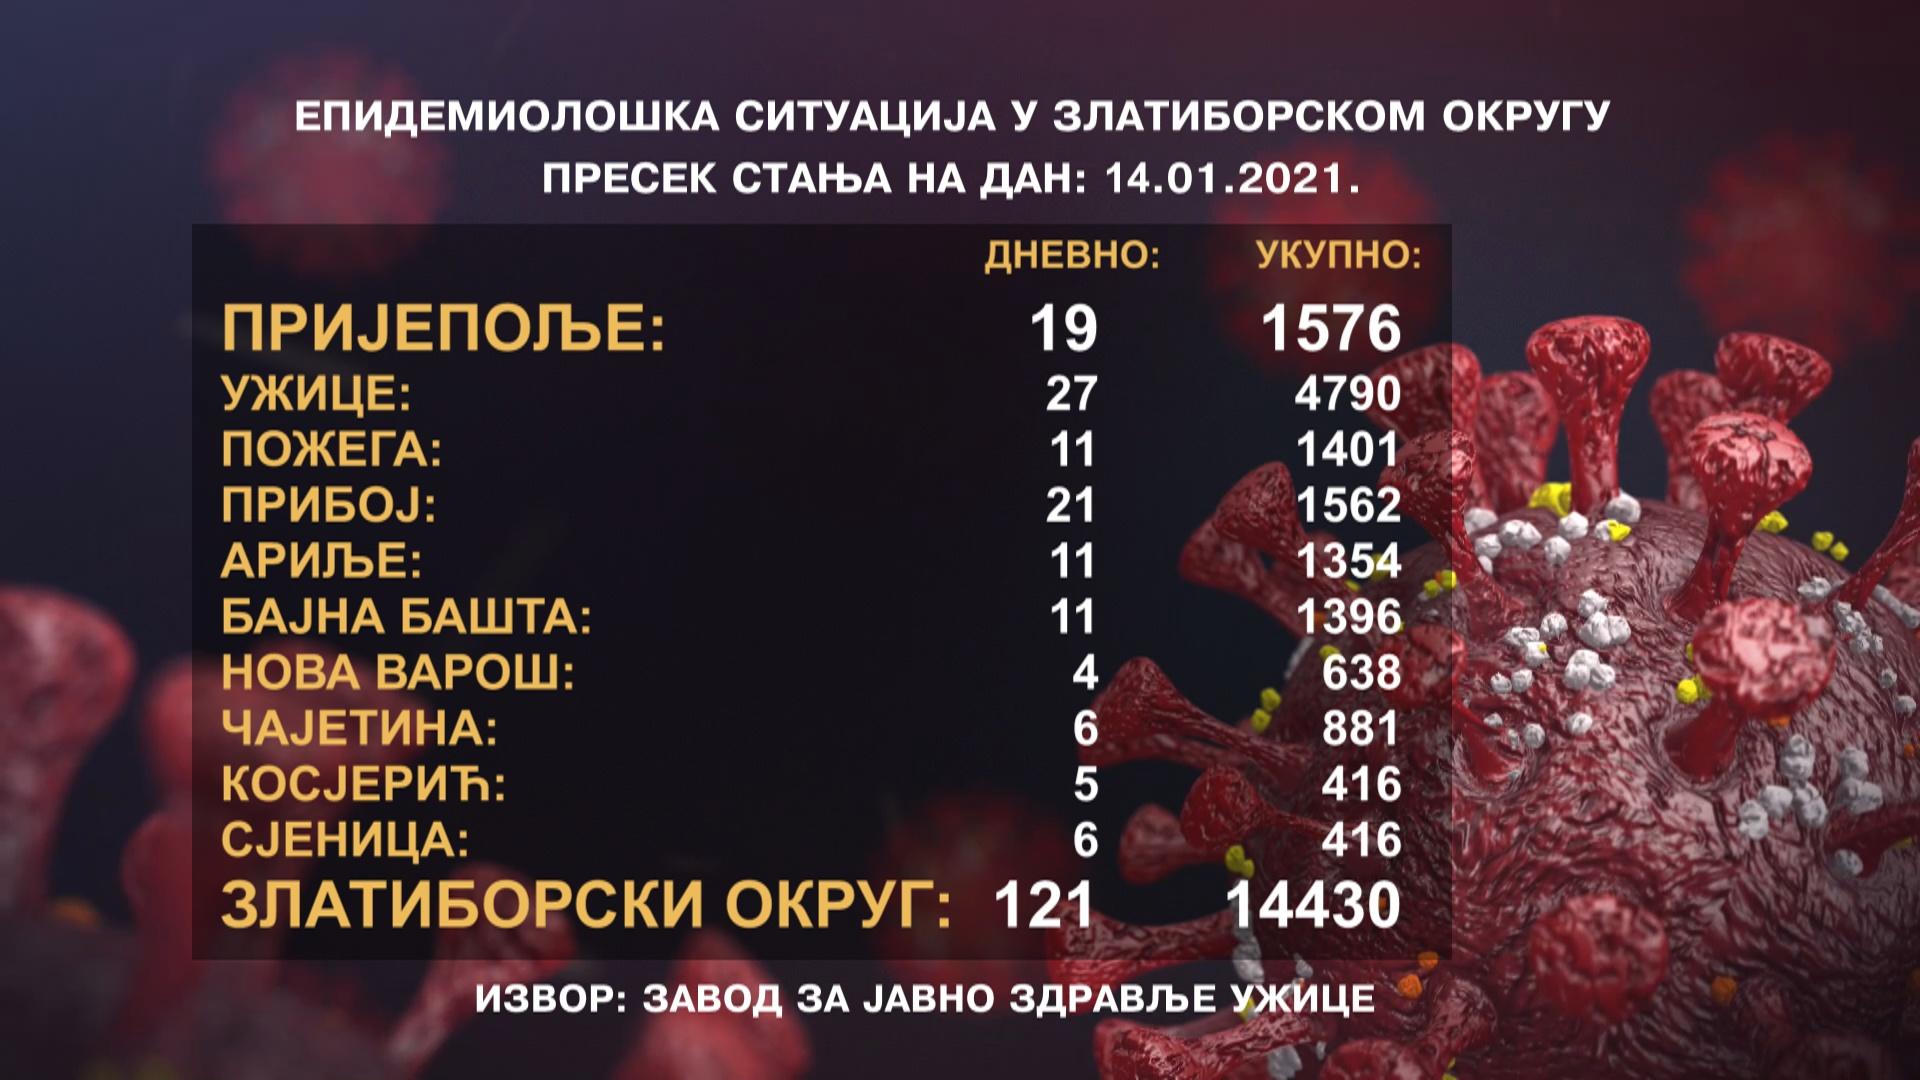 Пораст броја заражених у Пријепољу